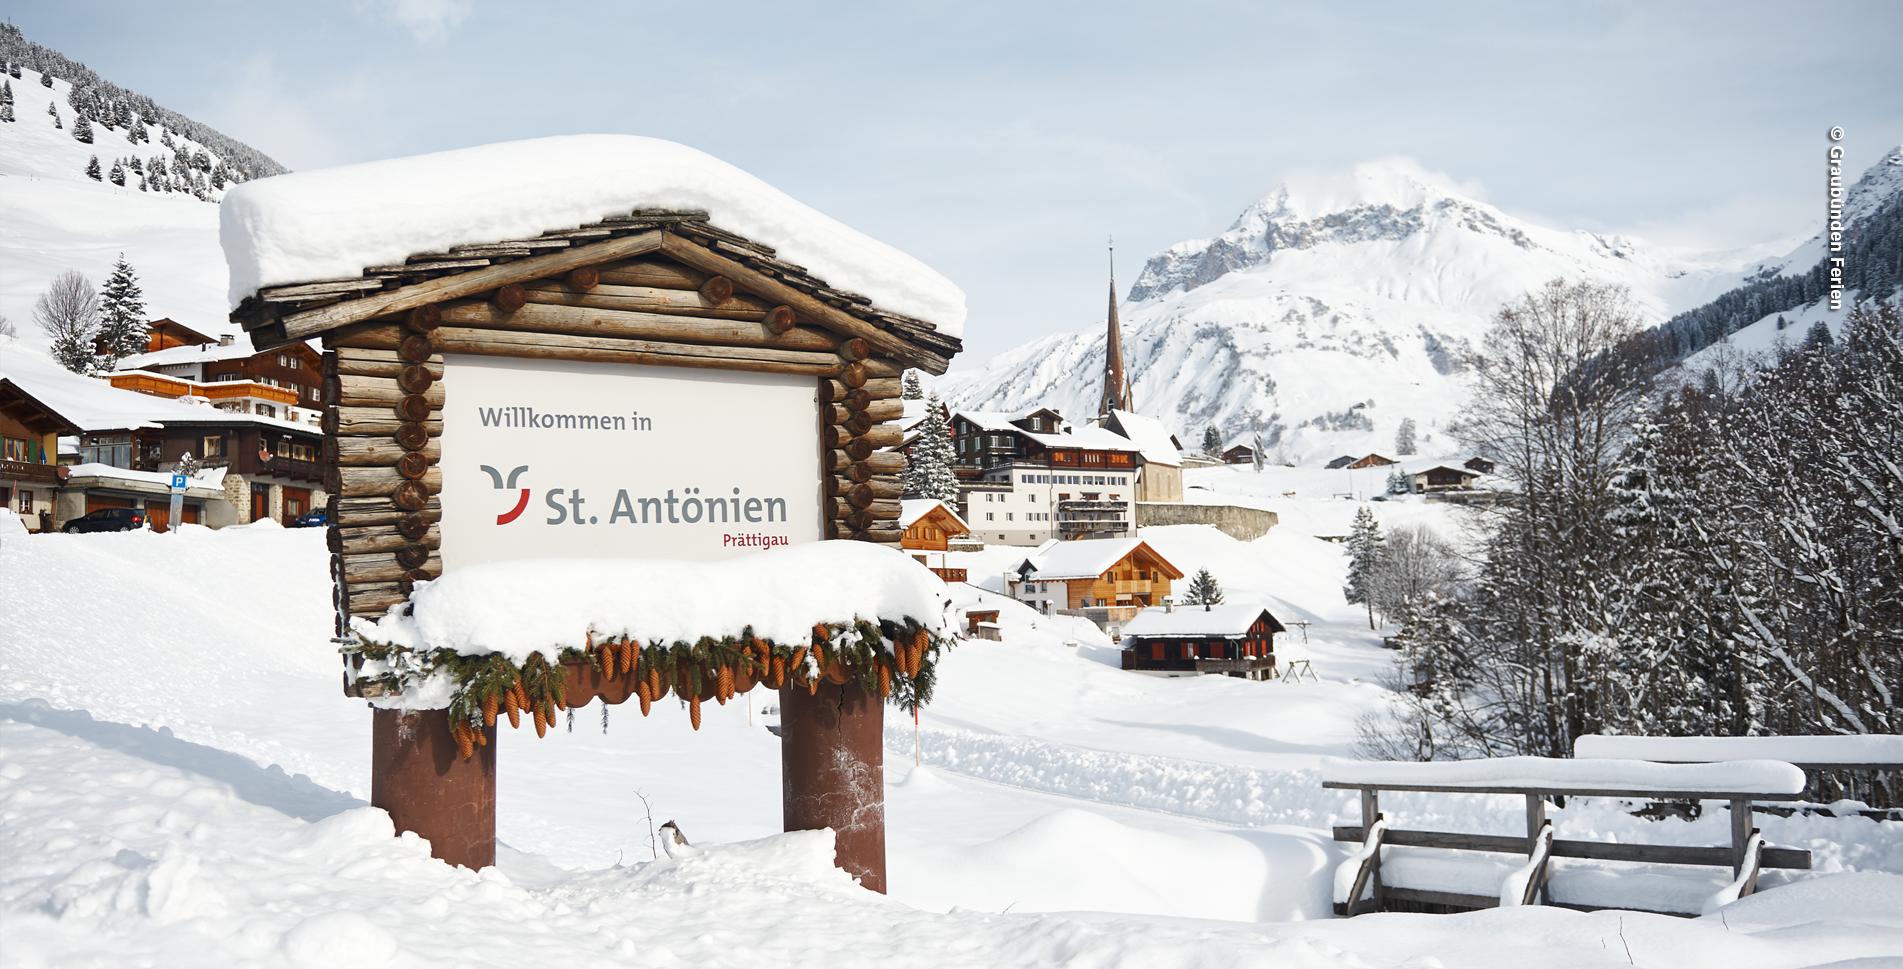 Schneeschuhtour im Prättigau auf dem Schneeschuhtrail von St. Antönien nach Pany